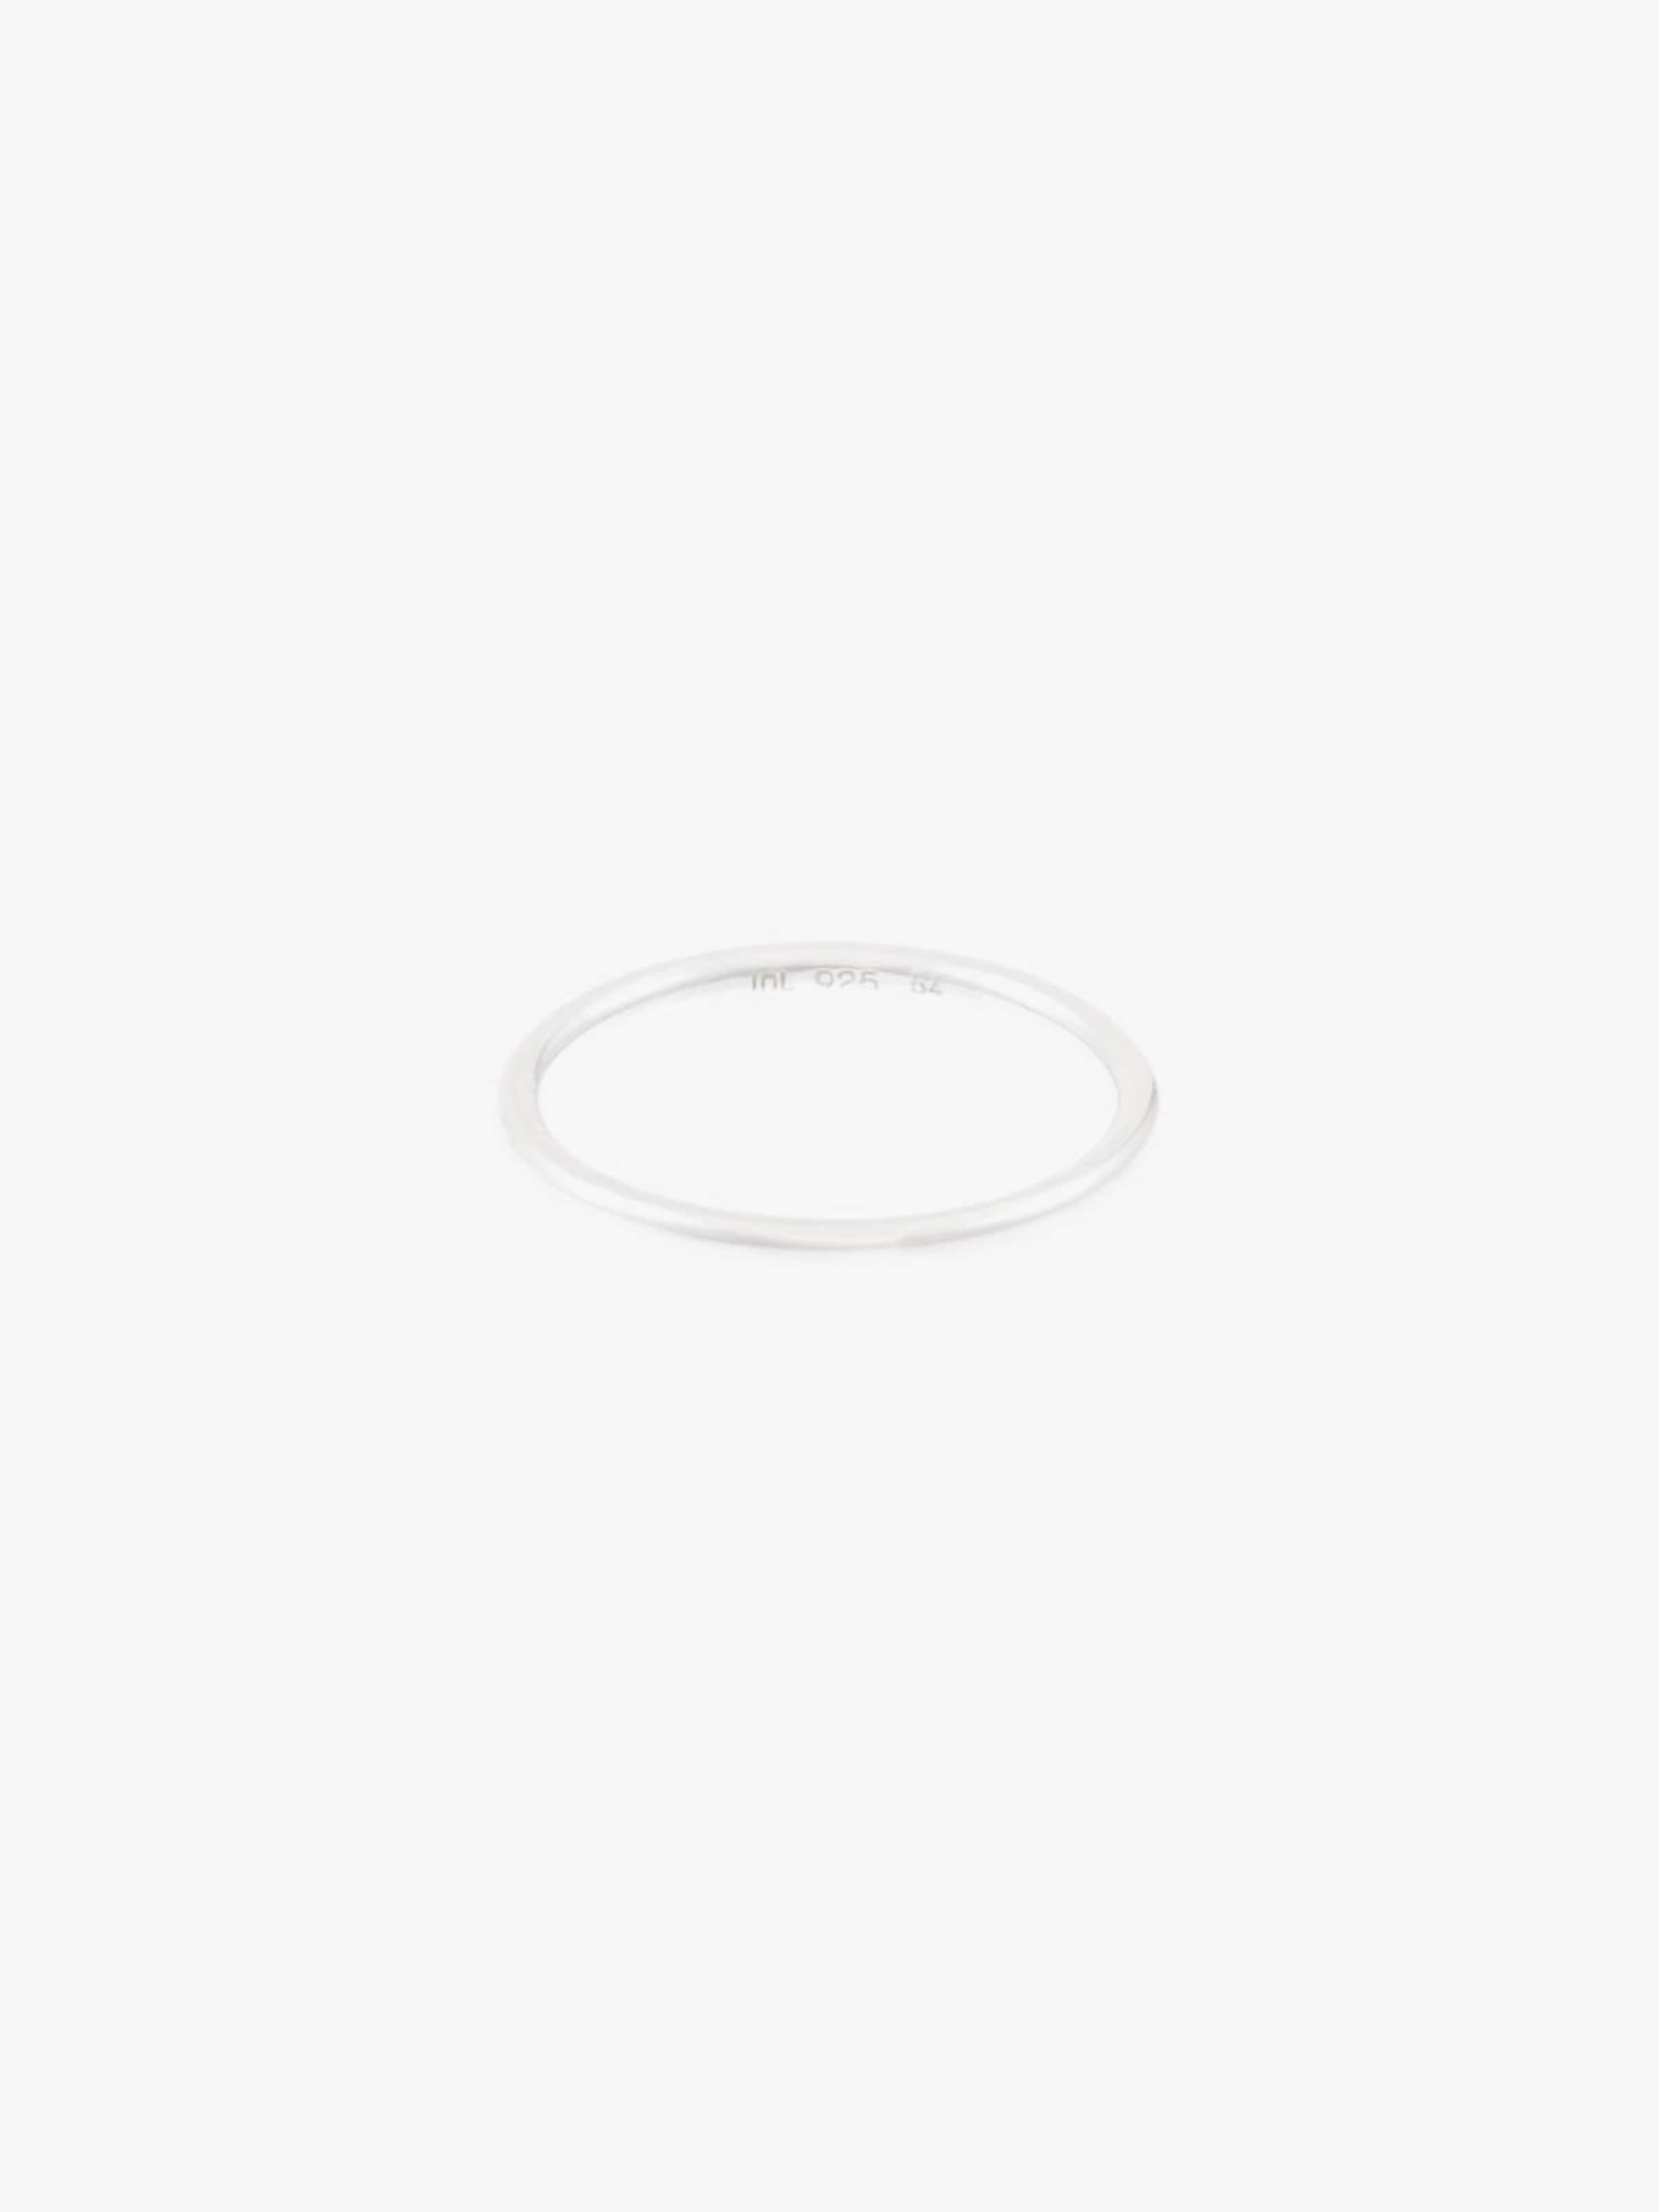 Billig Verkauf Klassische ID Fine Dash Ring Billig Verkauf Heißen Verkauf Schnelle Lieferung Bir55T6Ru